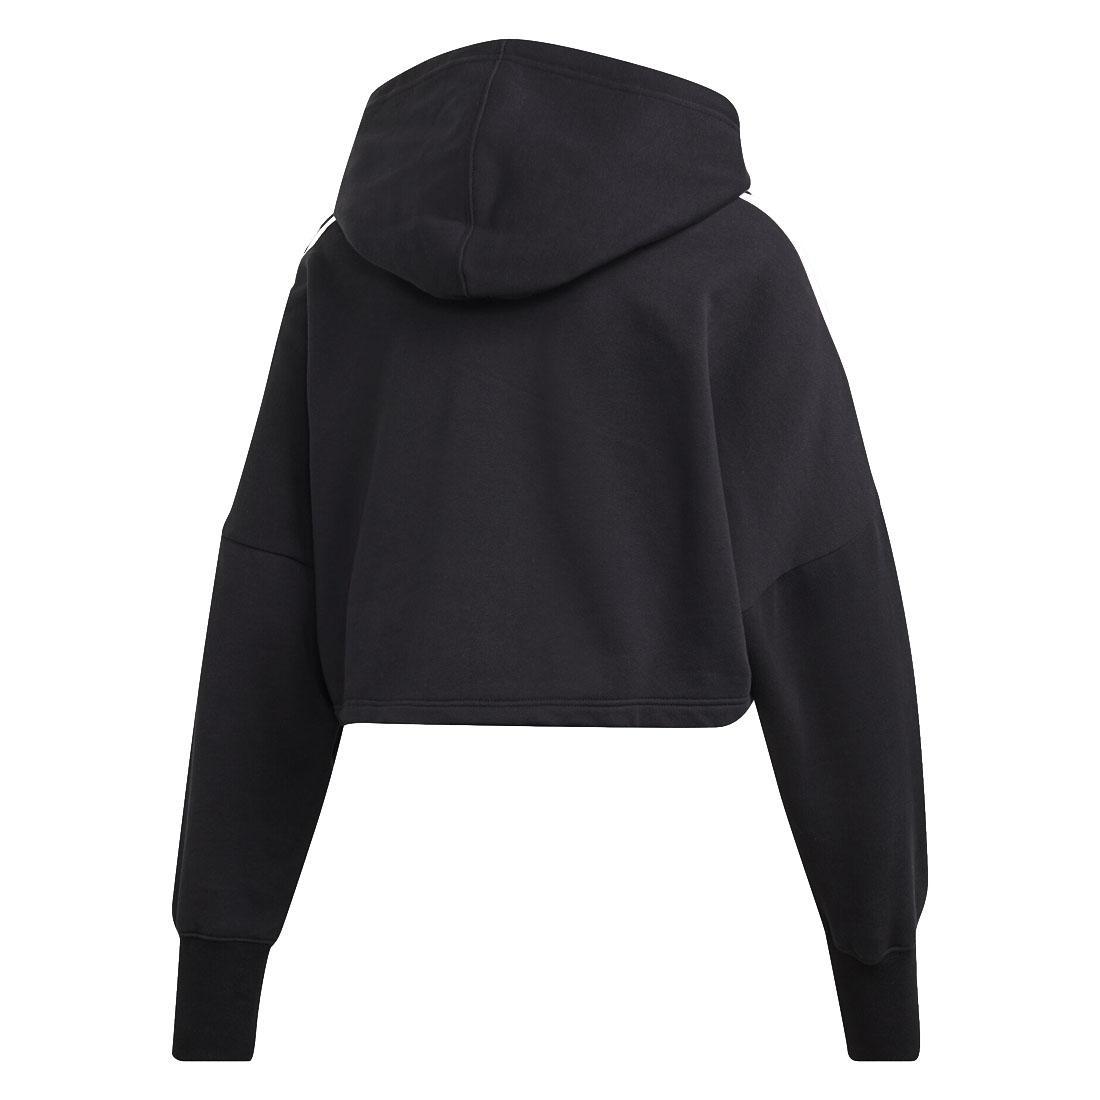 united states big discount classic fit Détails sur Adidas Originaux Femmes Noir Blanc Court Capuche Femmes 3  Rayure Sweat